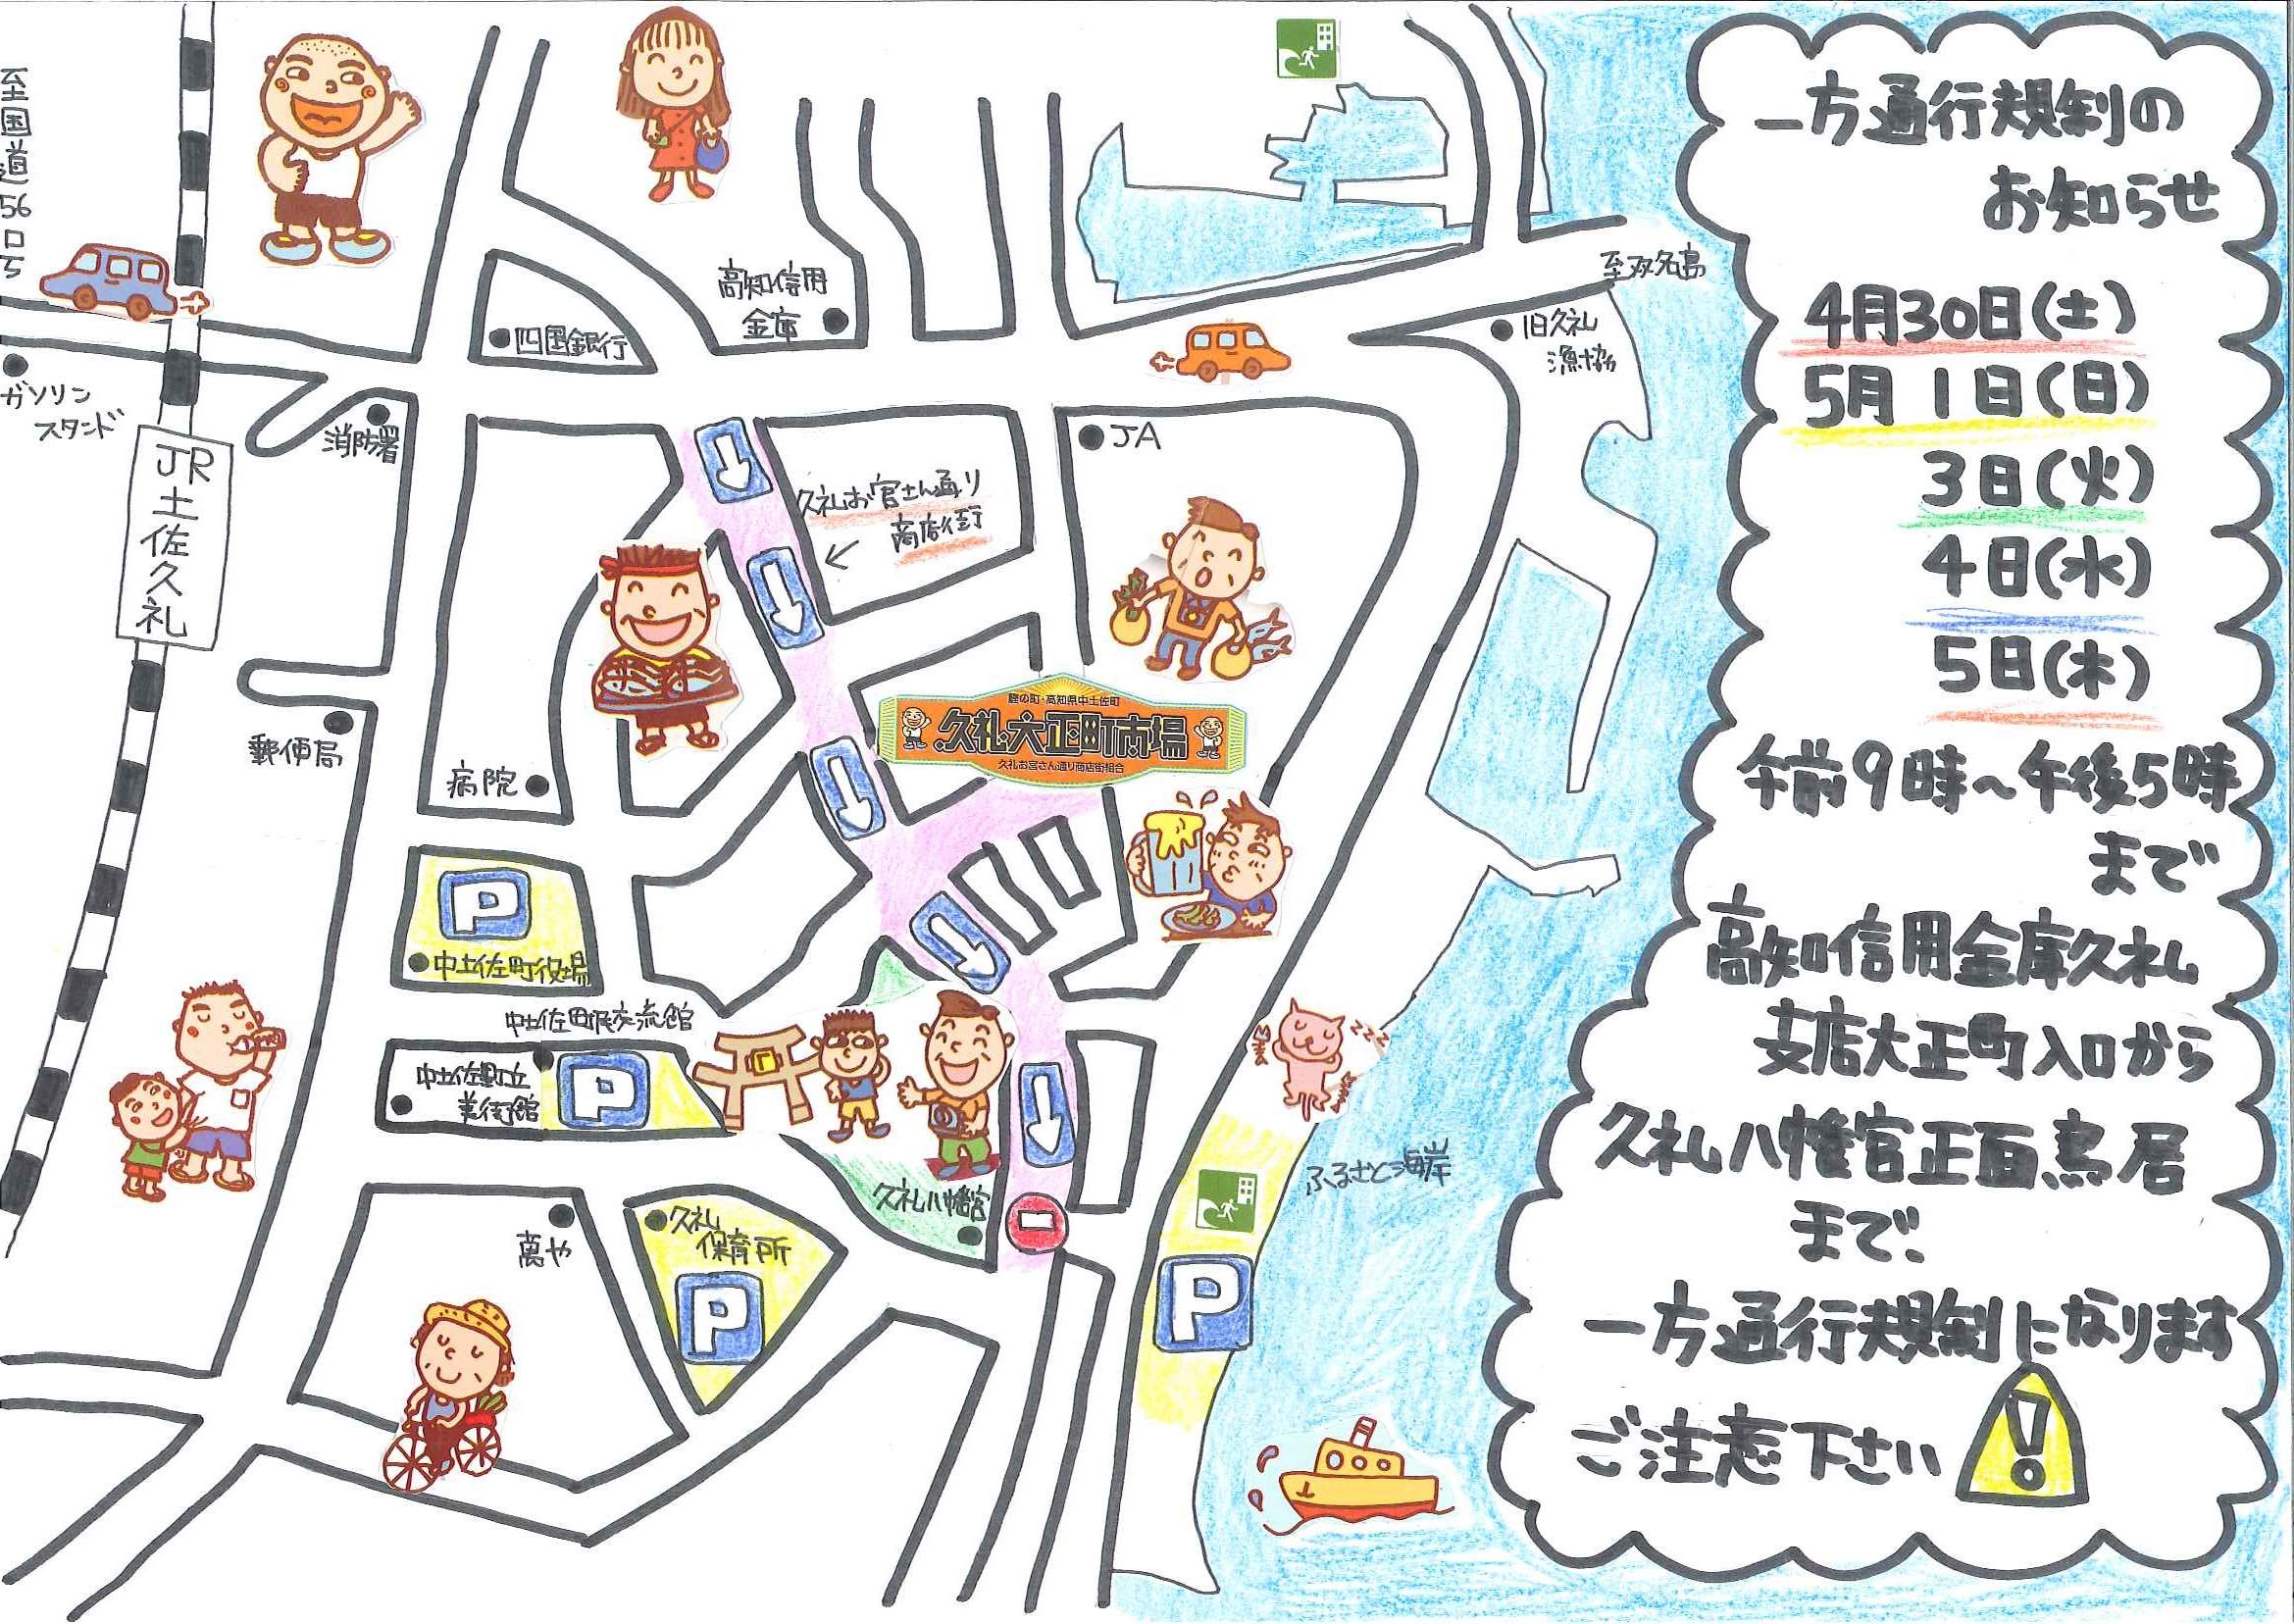 久礼大正町市場周辺駐車場